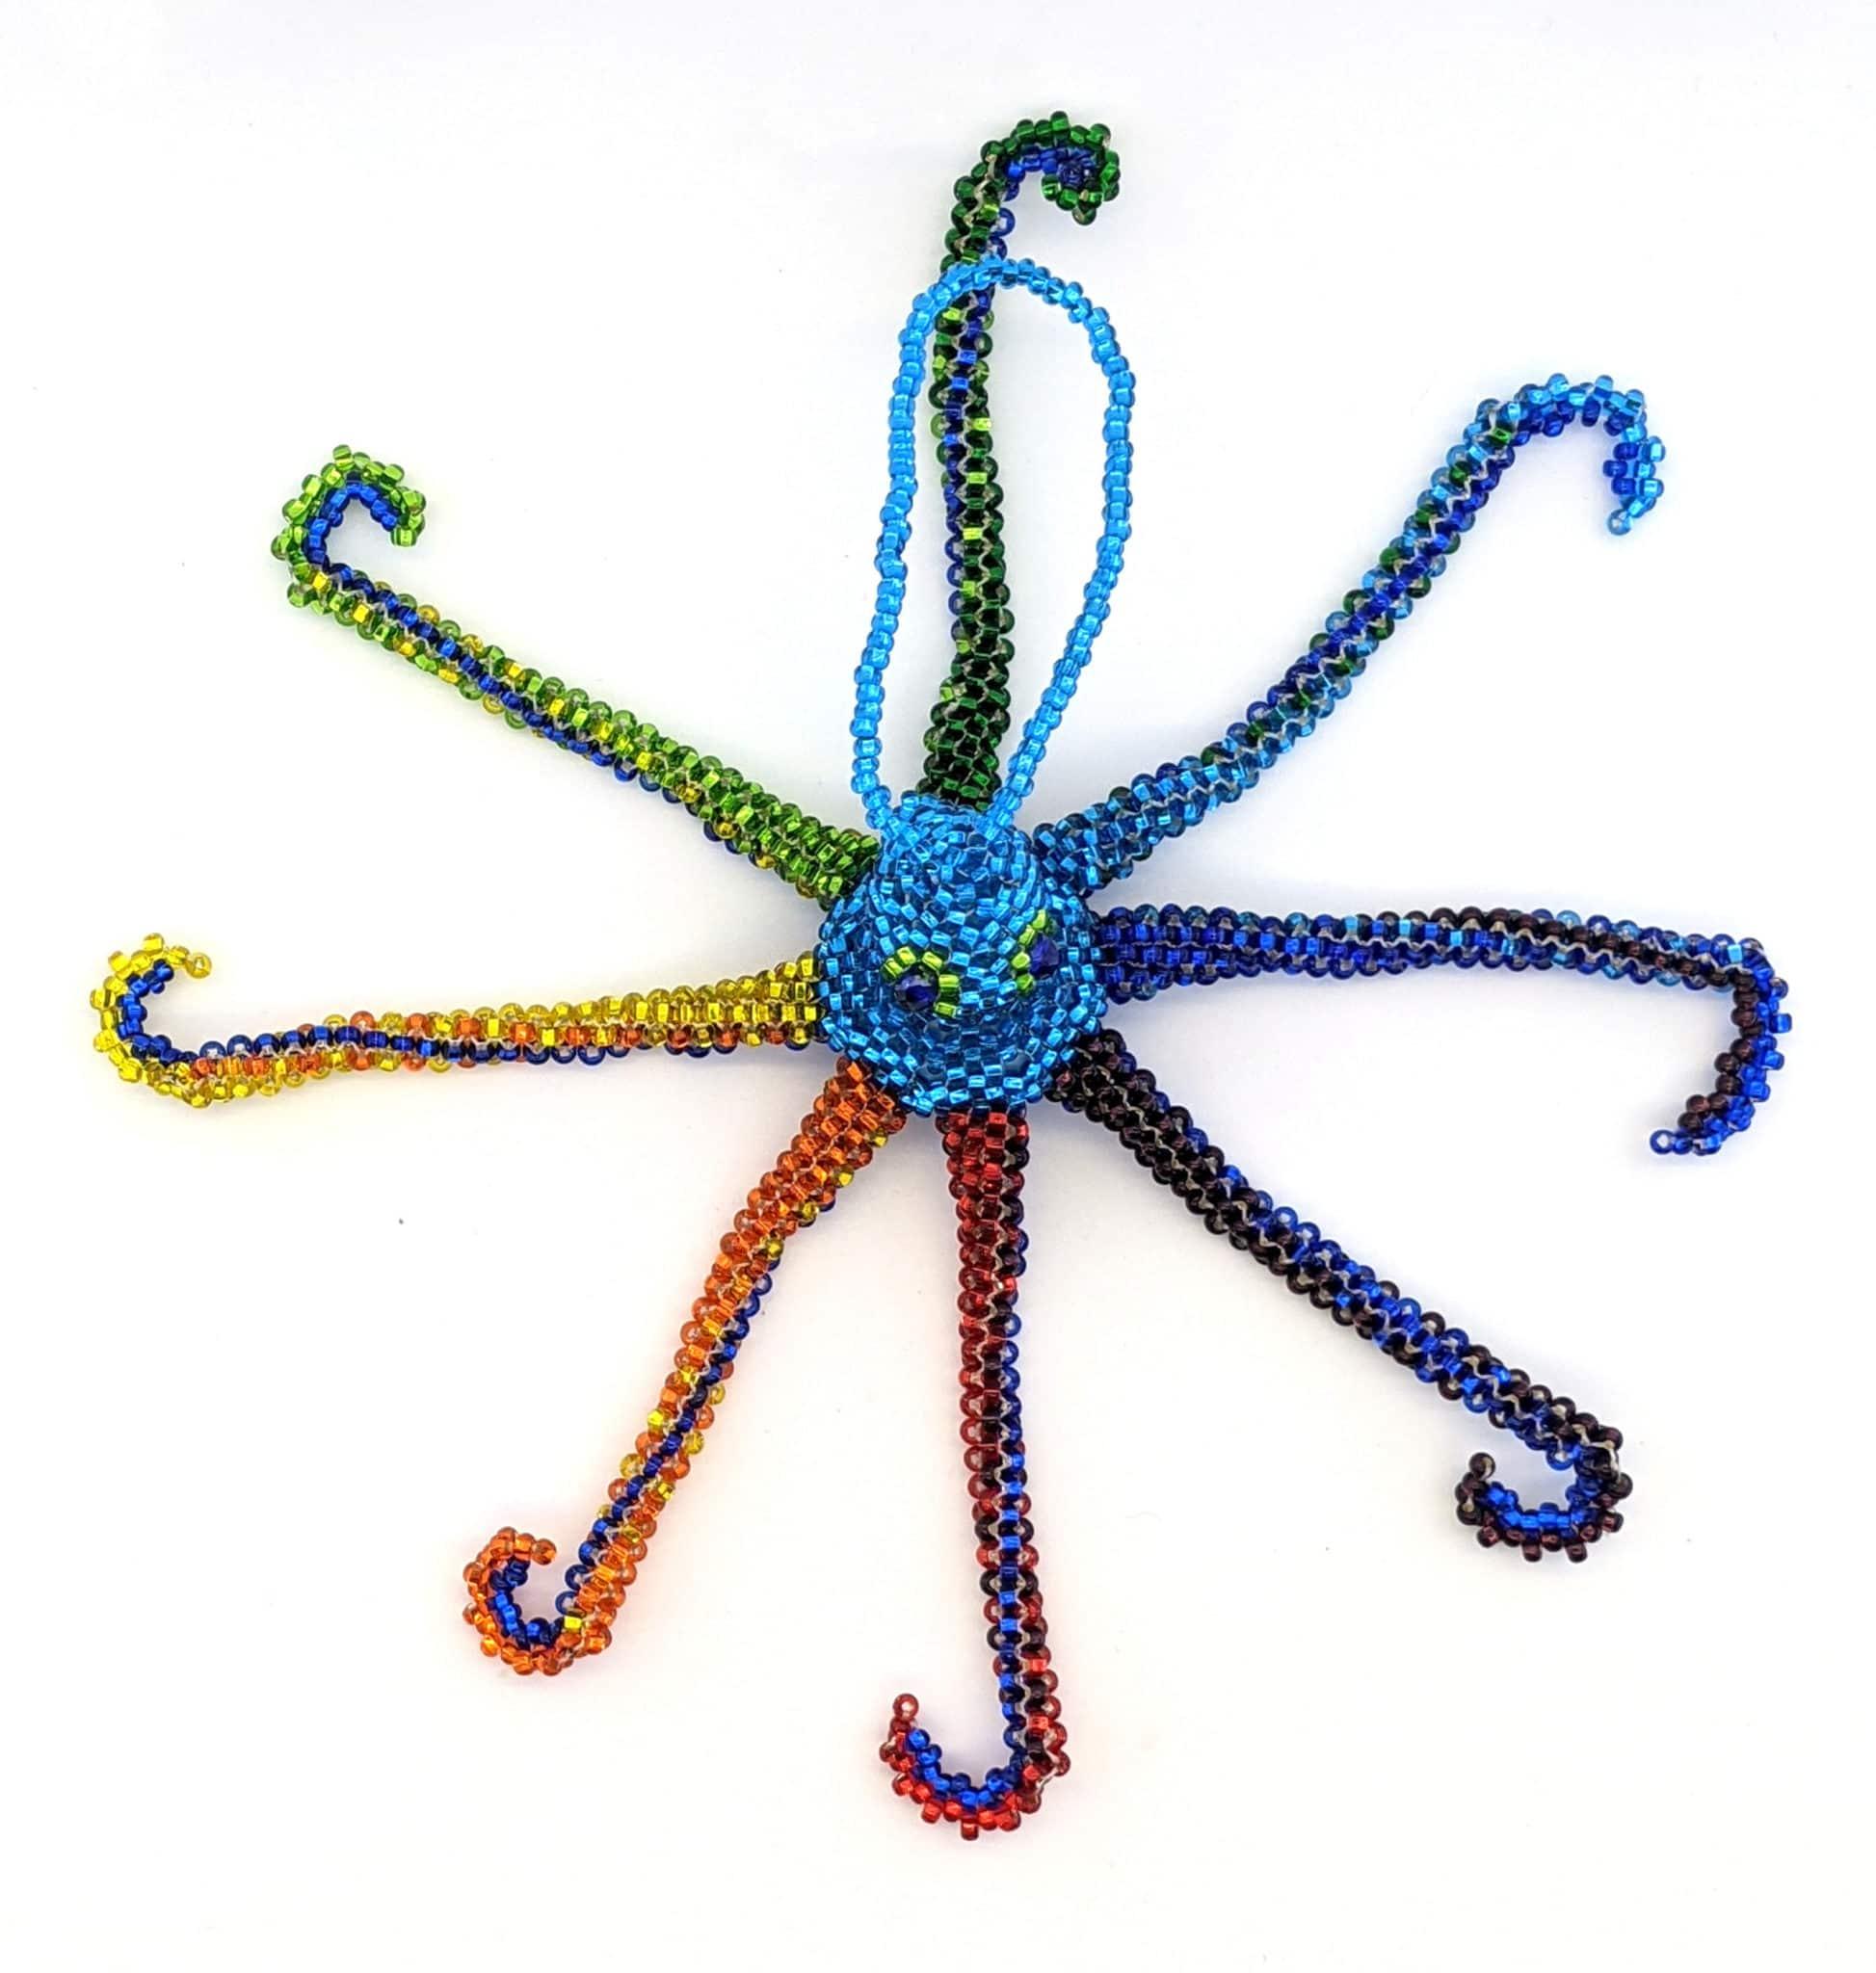 Octopus Beaded Ornament- Rainbow with Celestial Blue